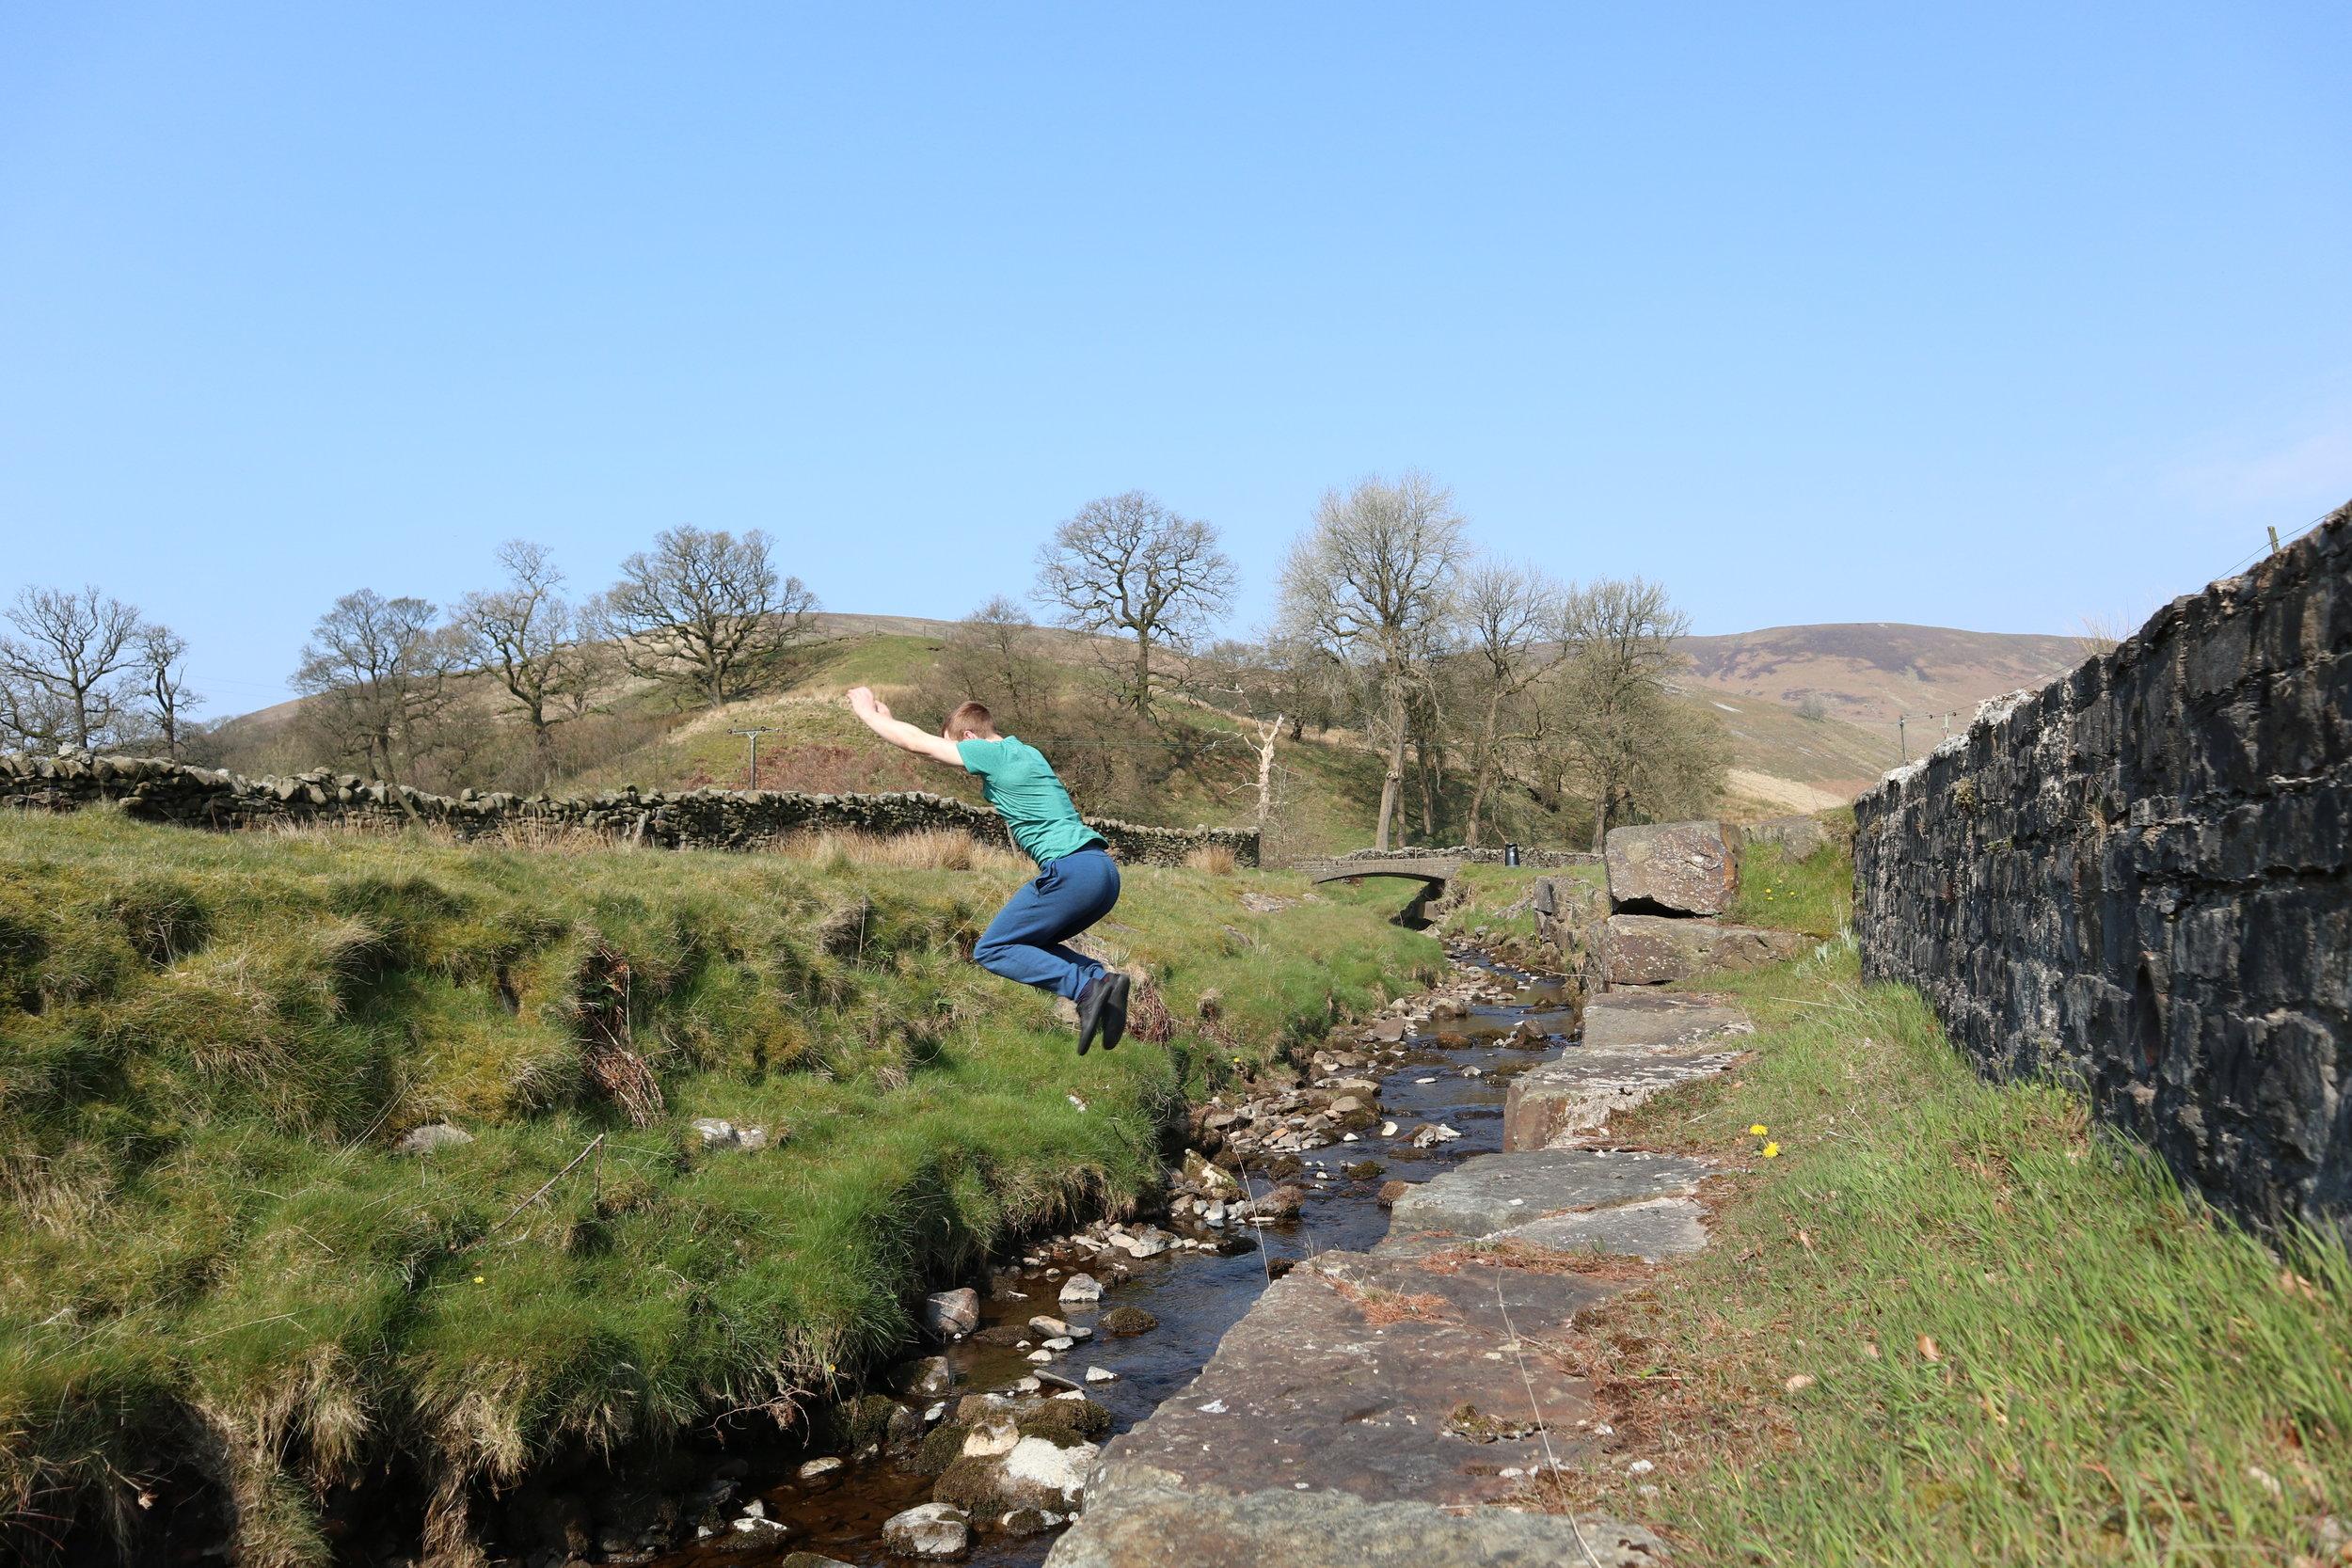 Natural Movement #2 : Jumping